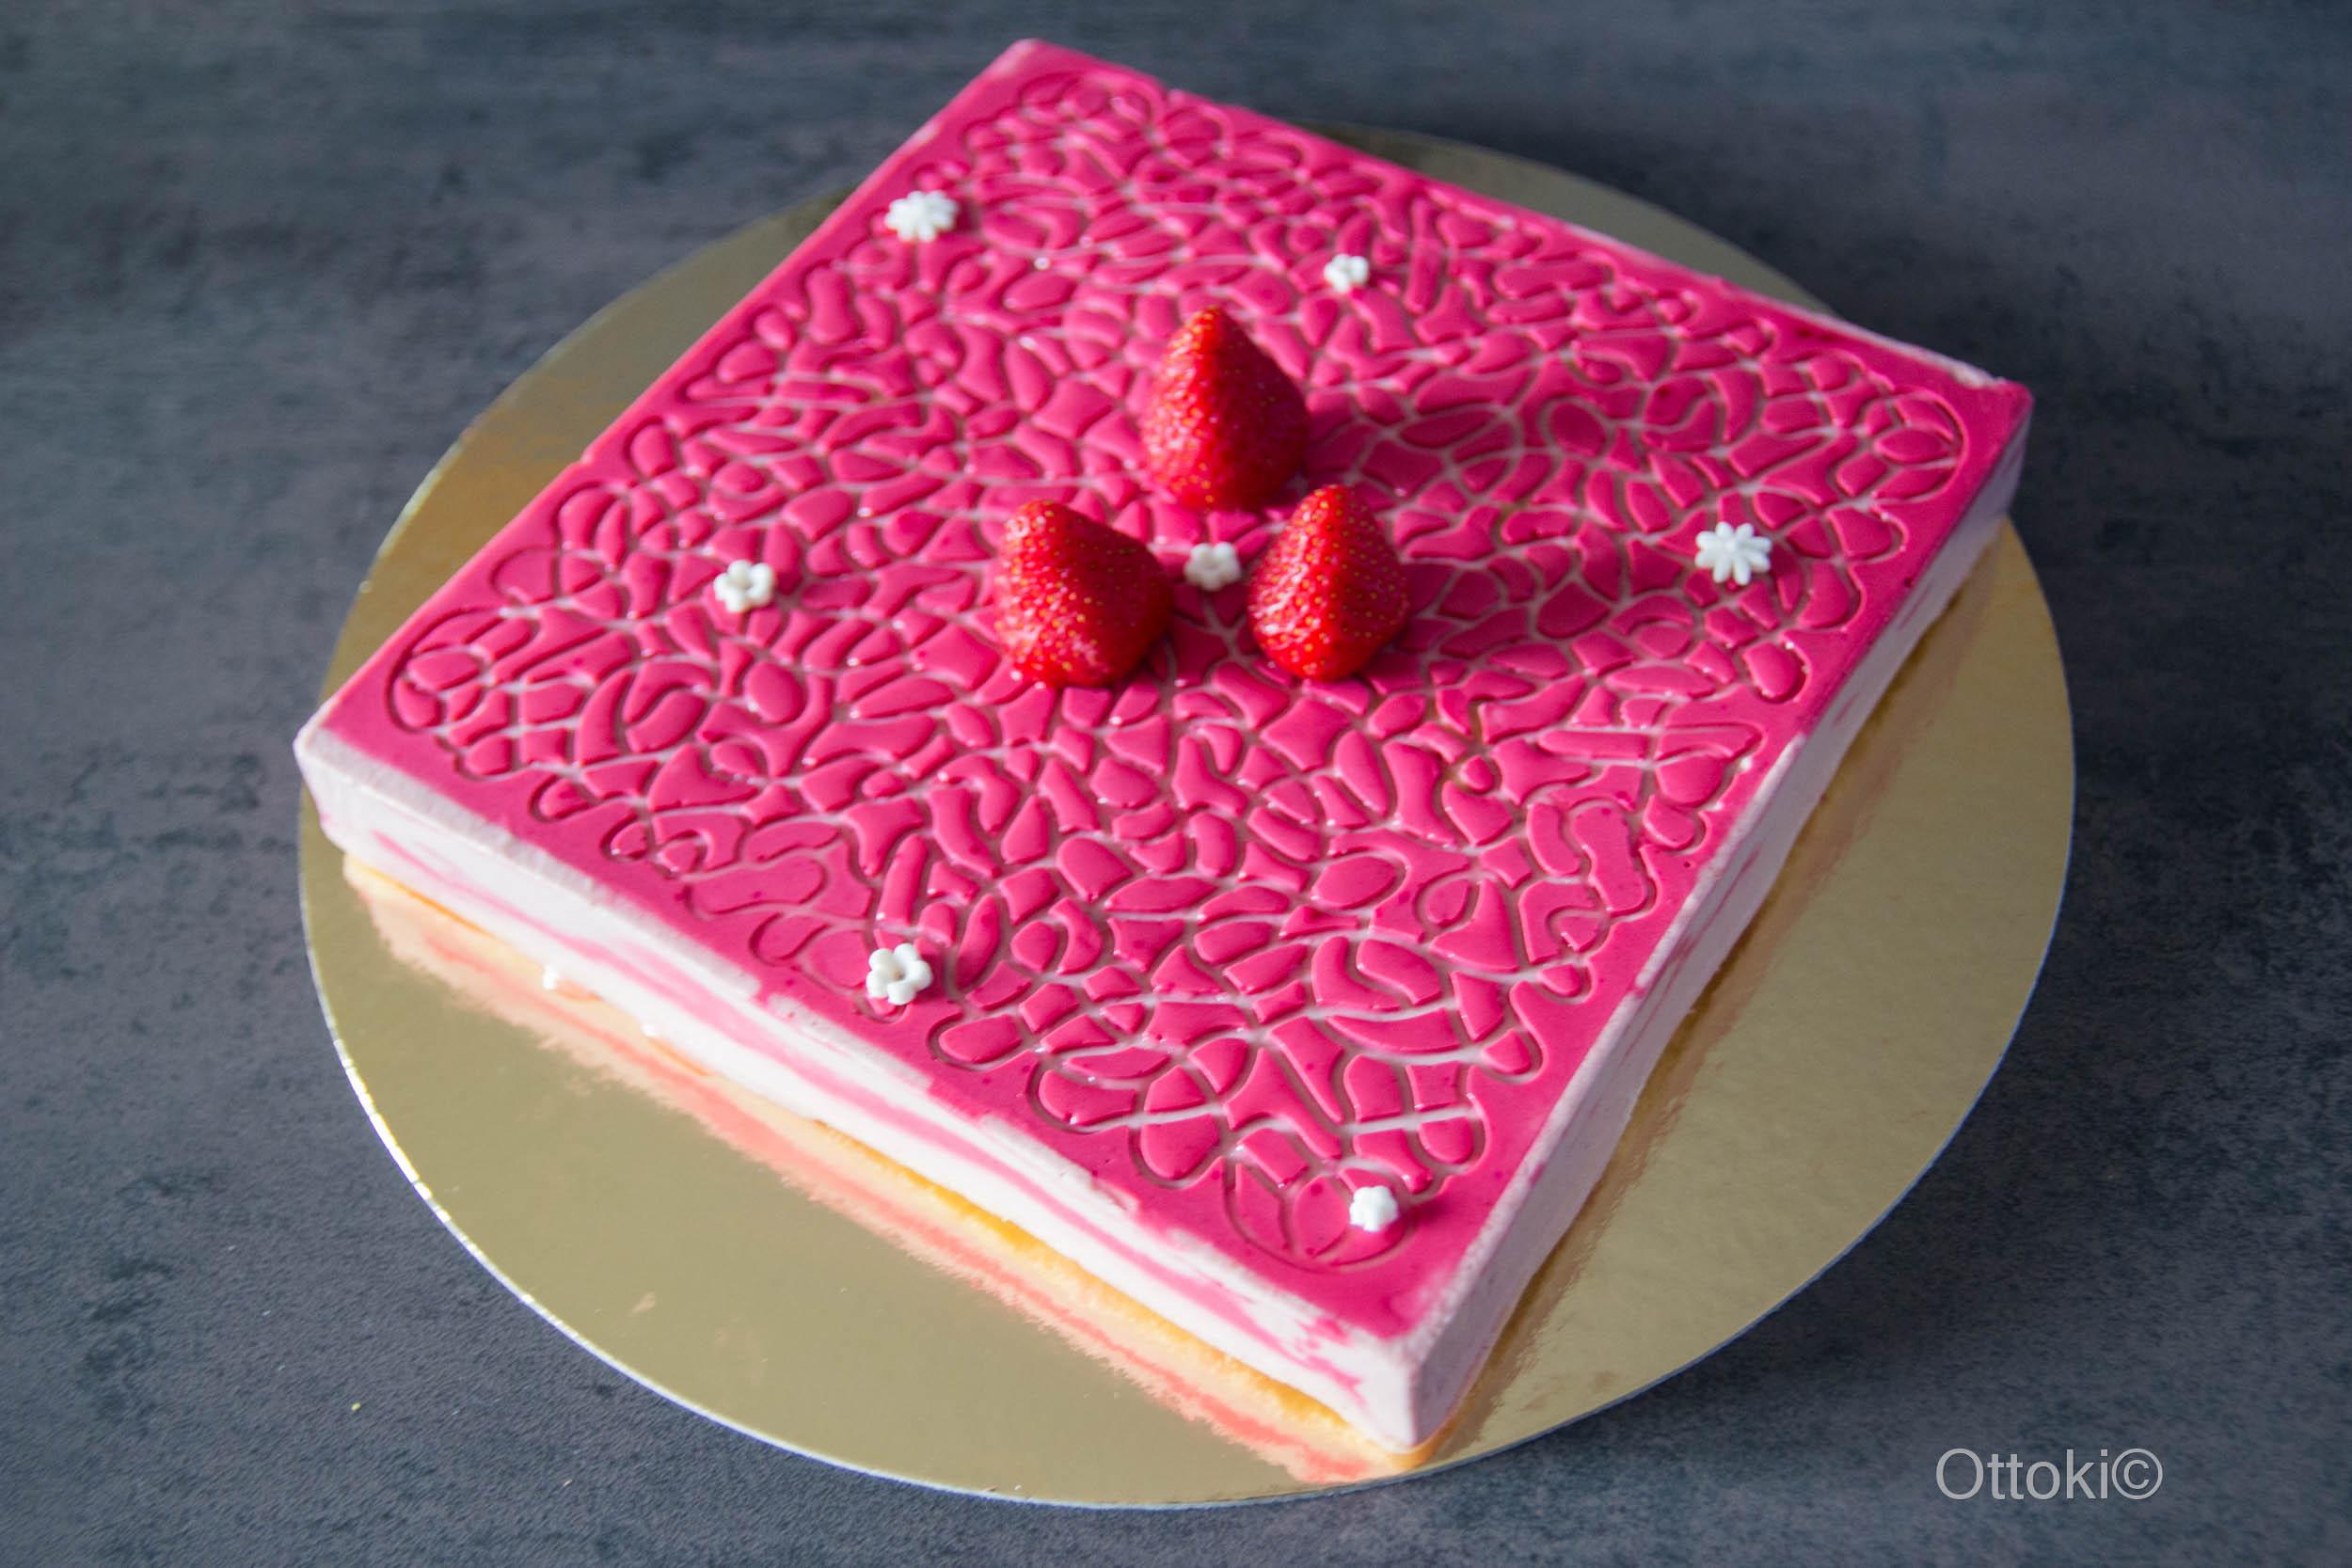 mousse de fraise avec carre flexipat et tapis labyrinthe ottoki